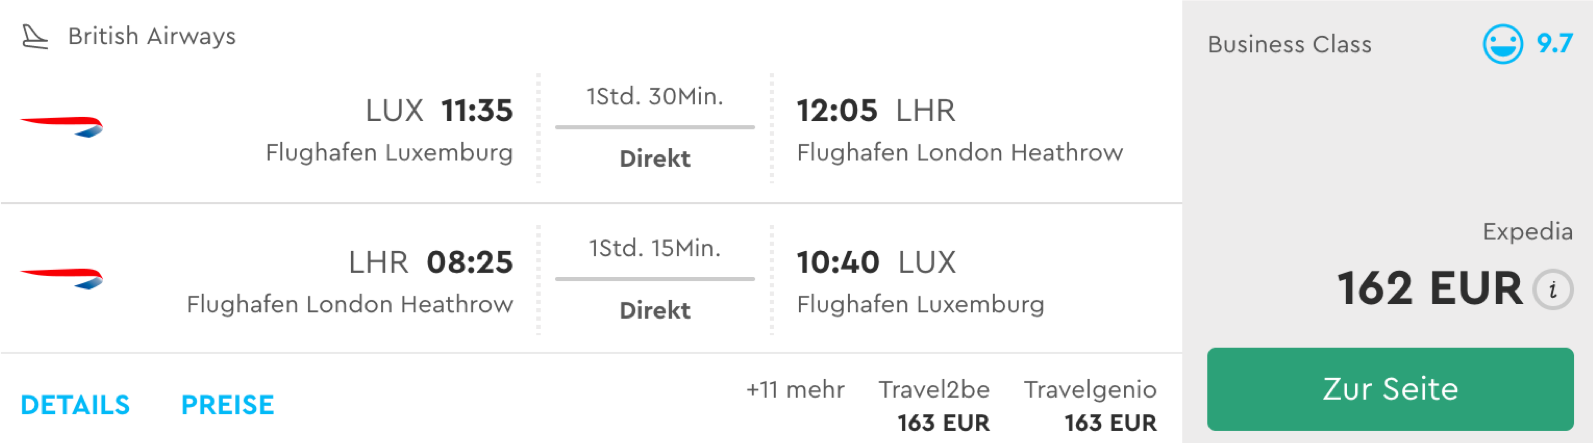 British Airways Tier Points Run in Europa